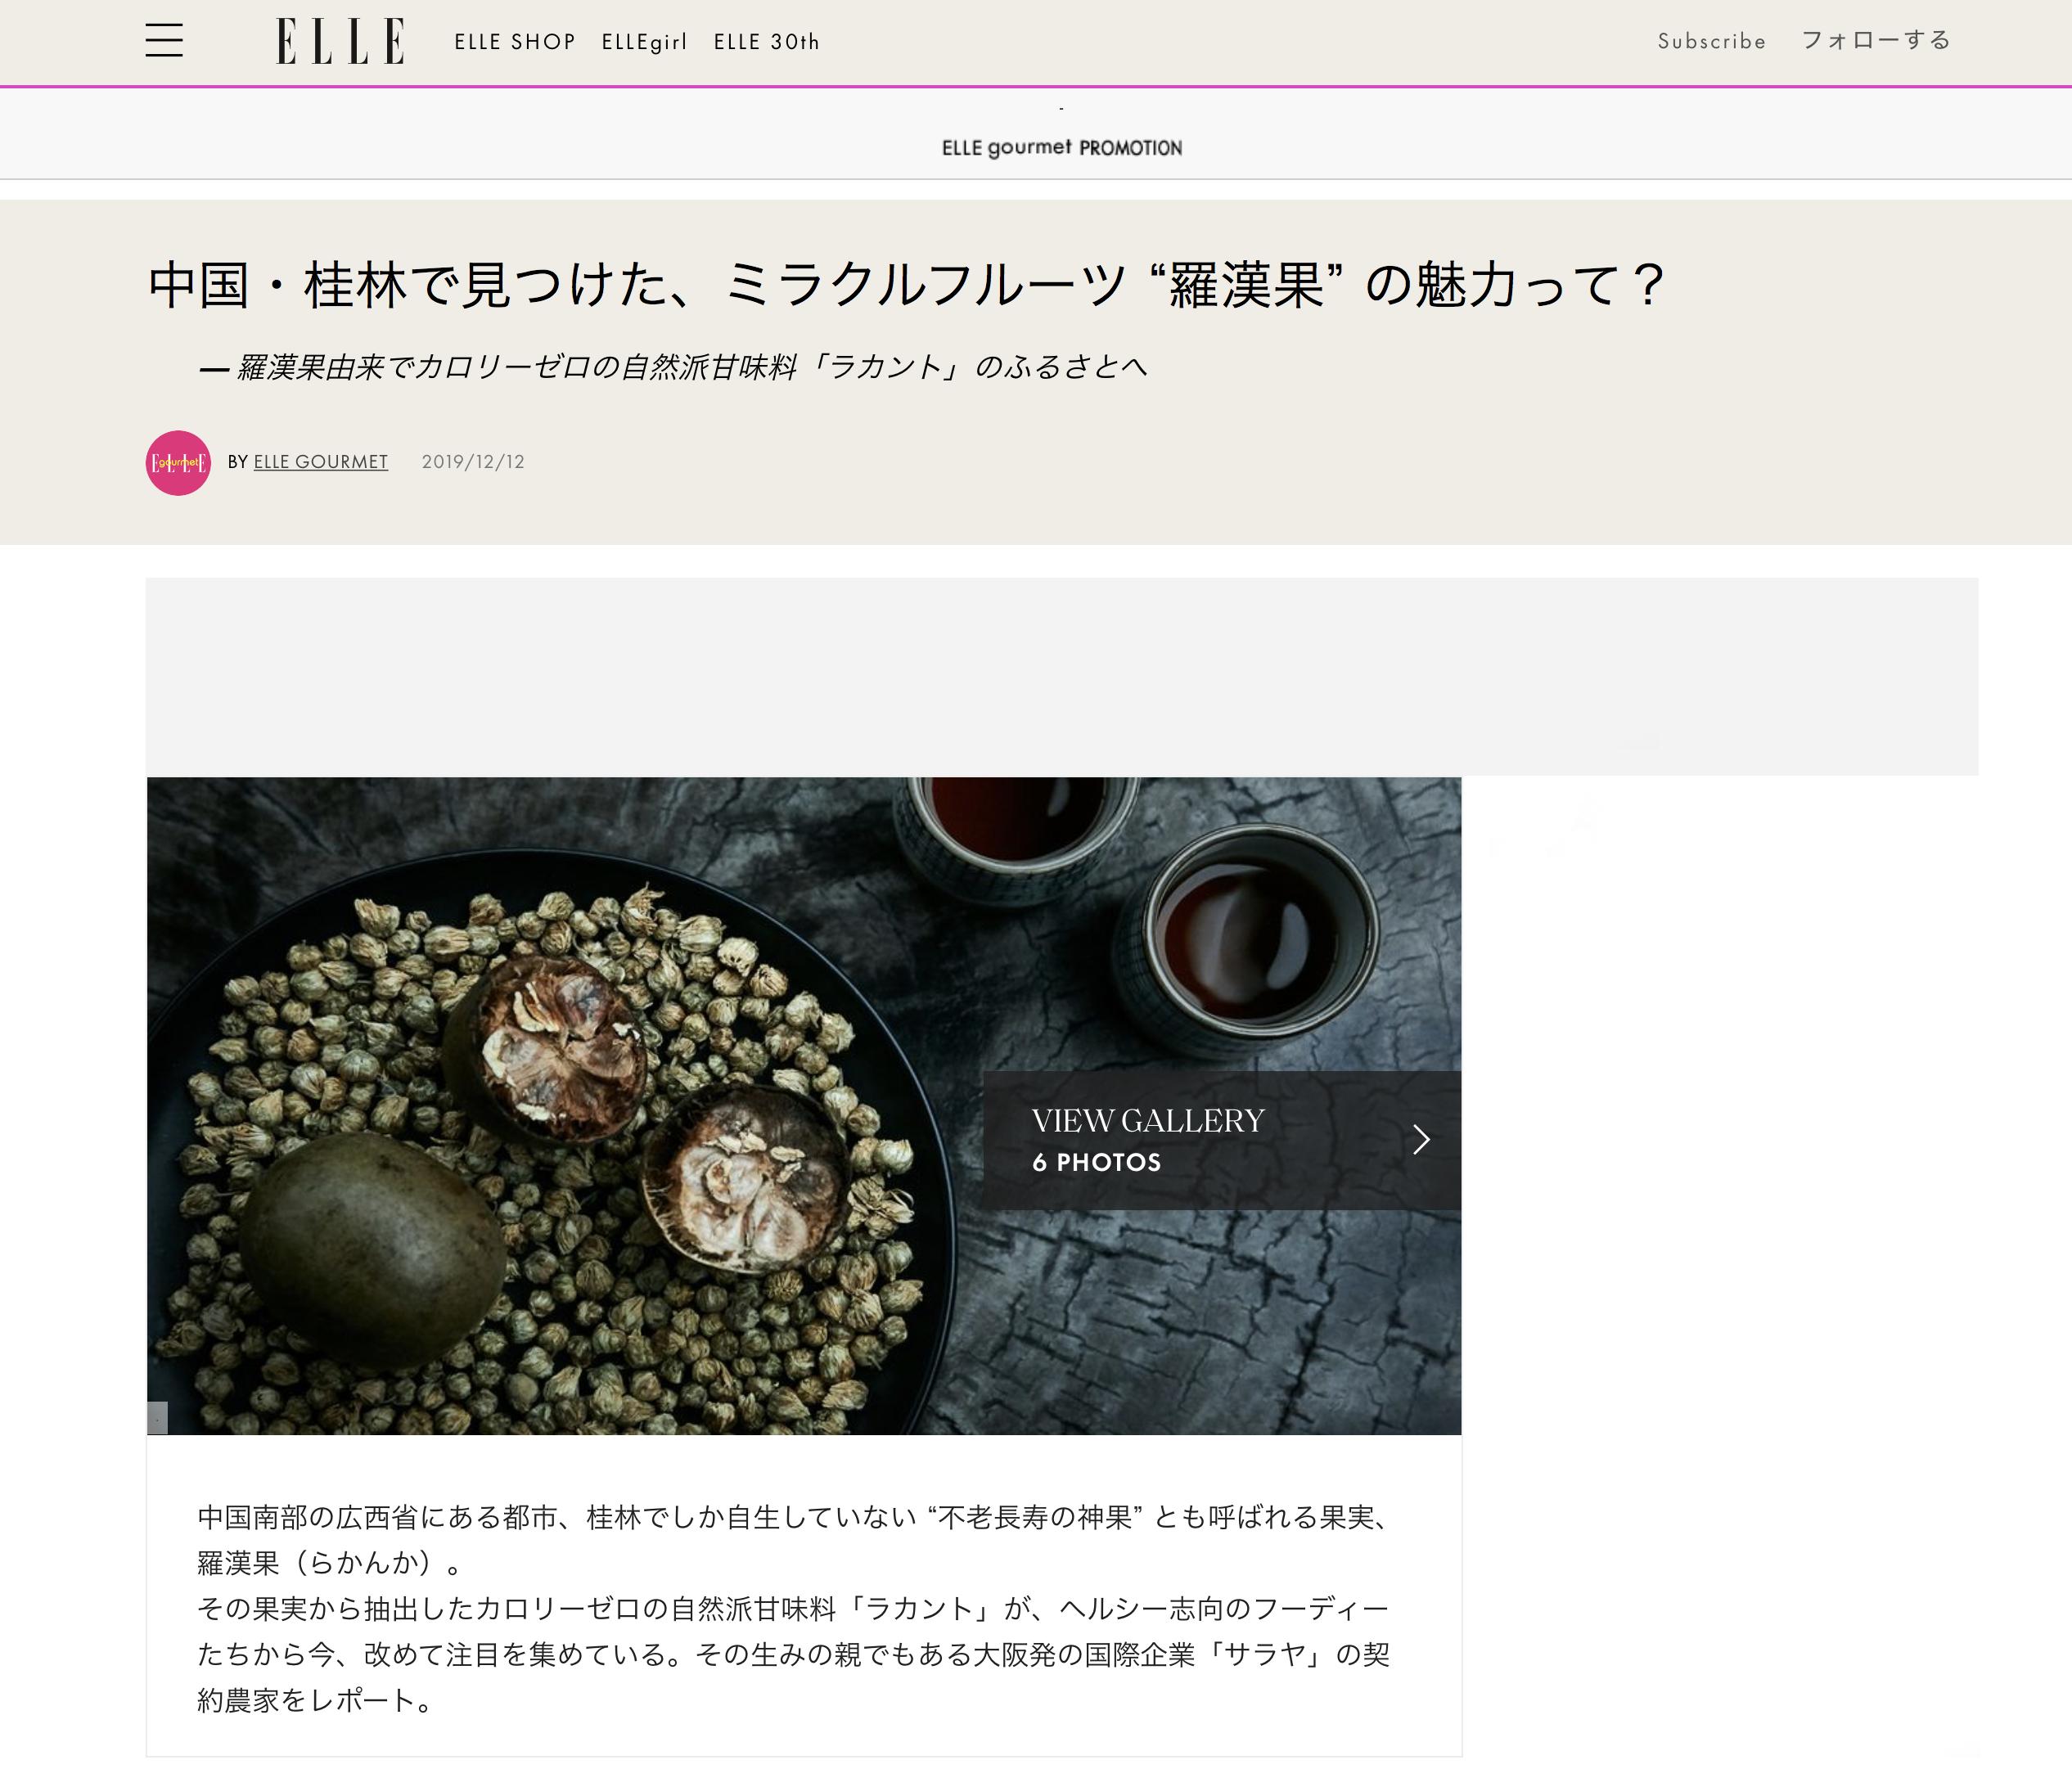 大木慎太郎がELLE online にて中国羅漢果の写真を撮りおろしました